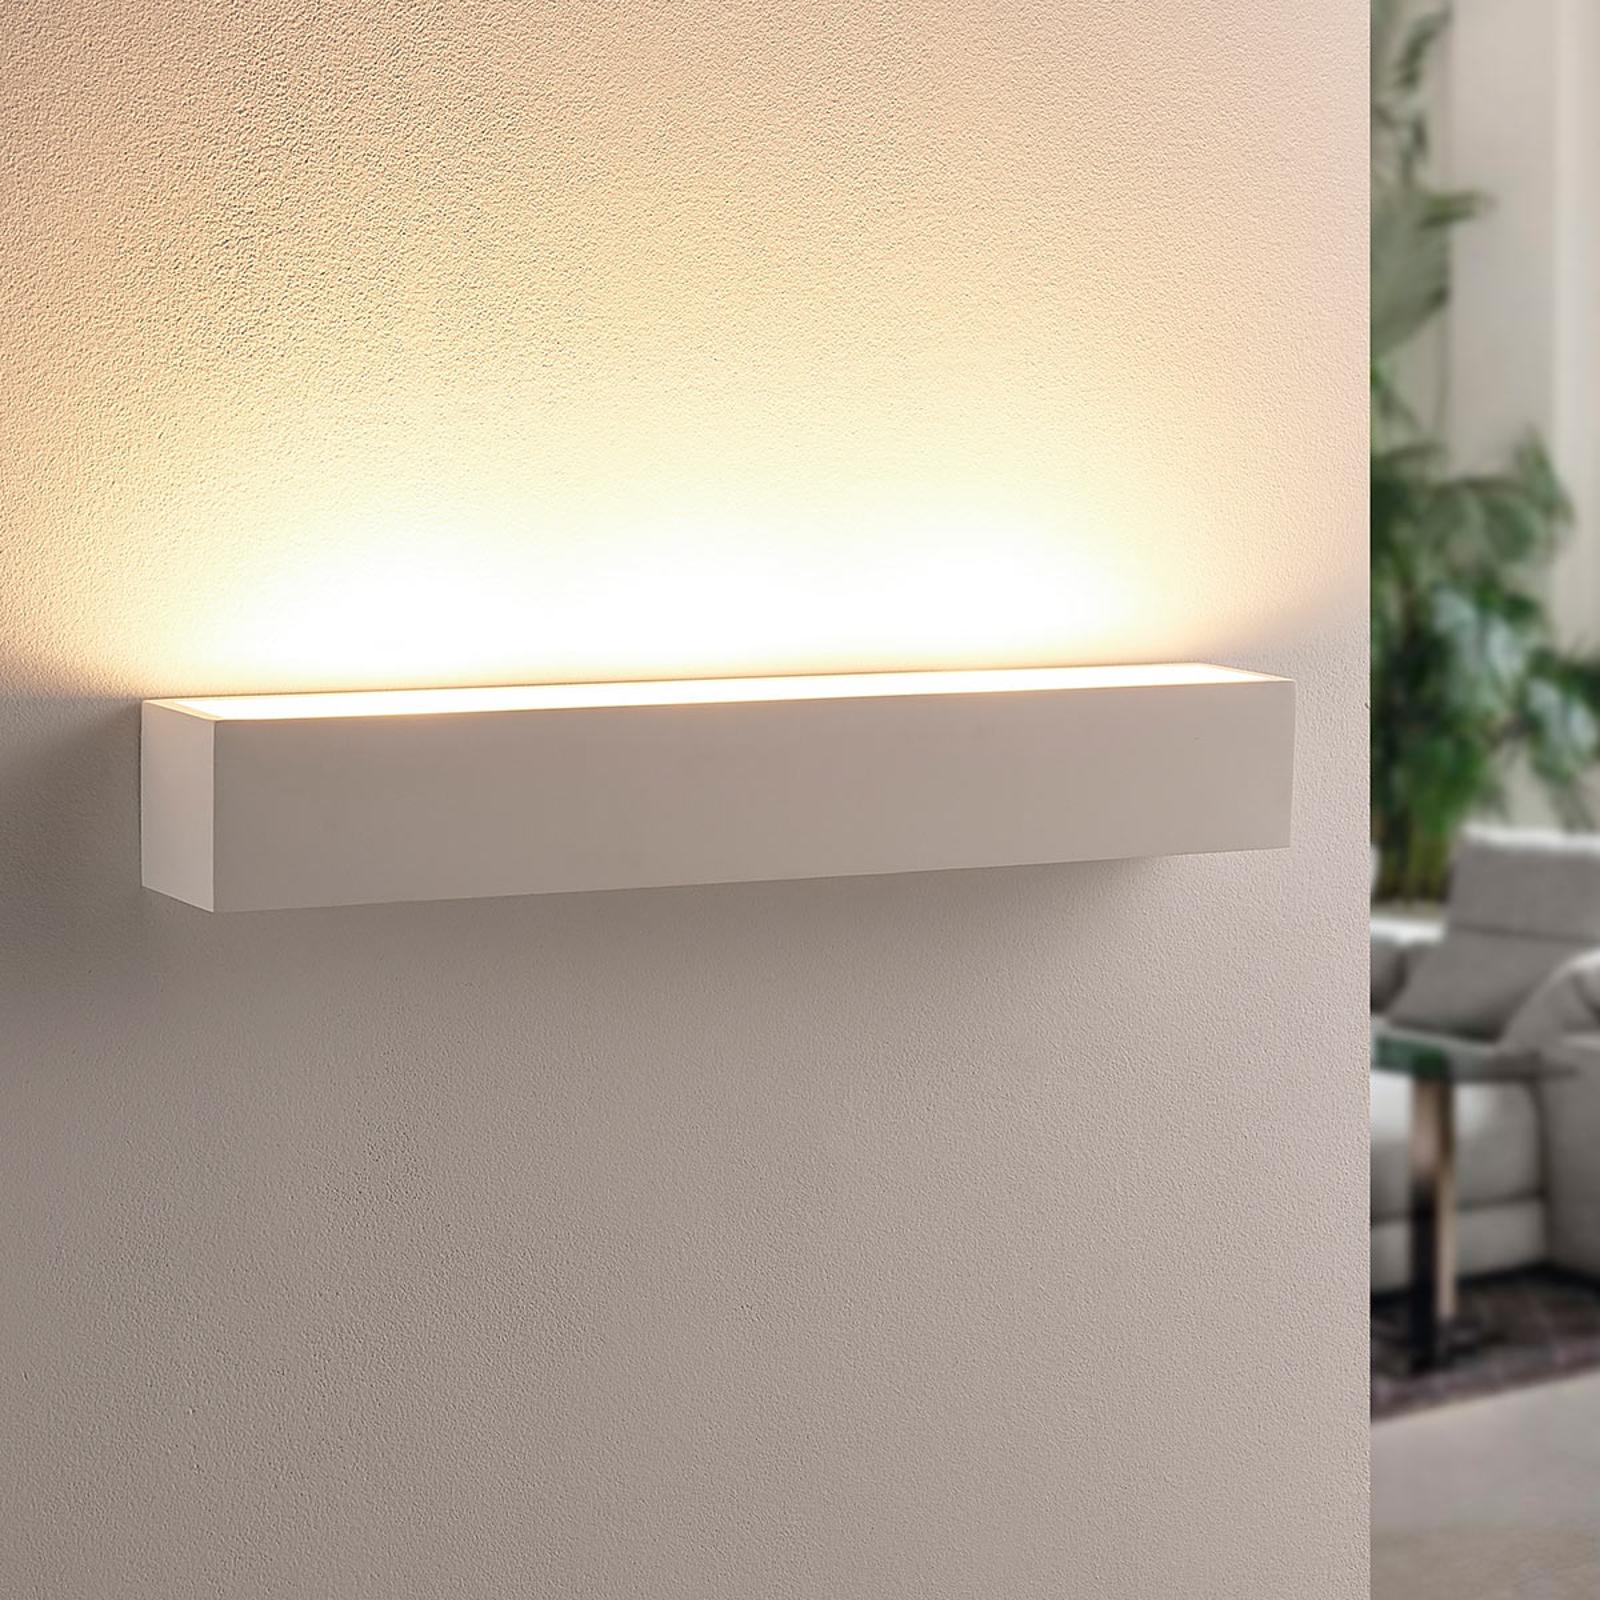 Bílá sádrová nástěnná LED lampa Santino, hranatá